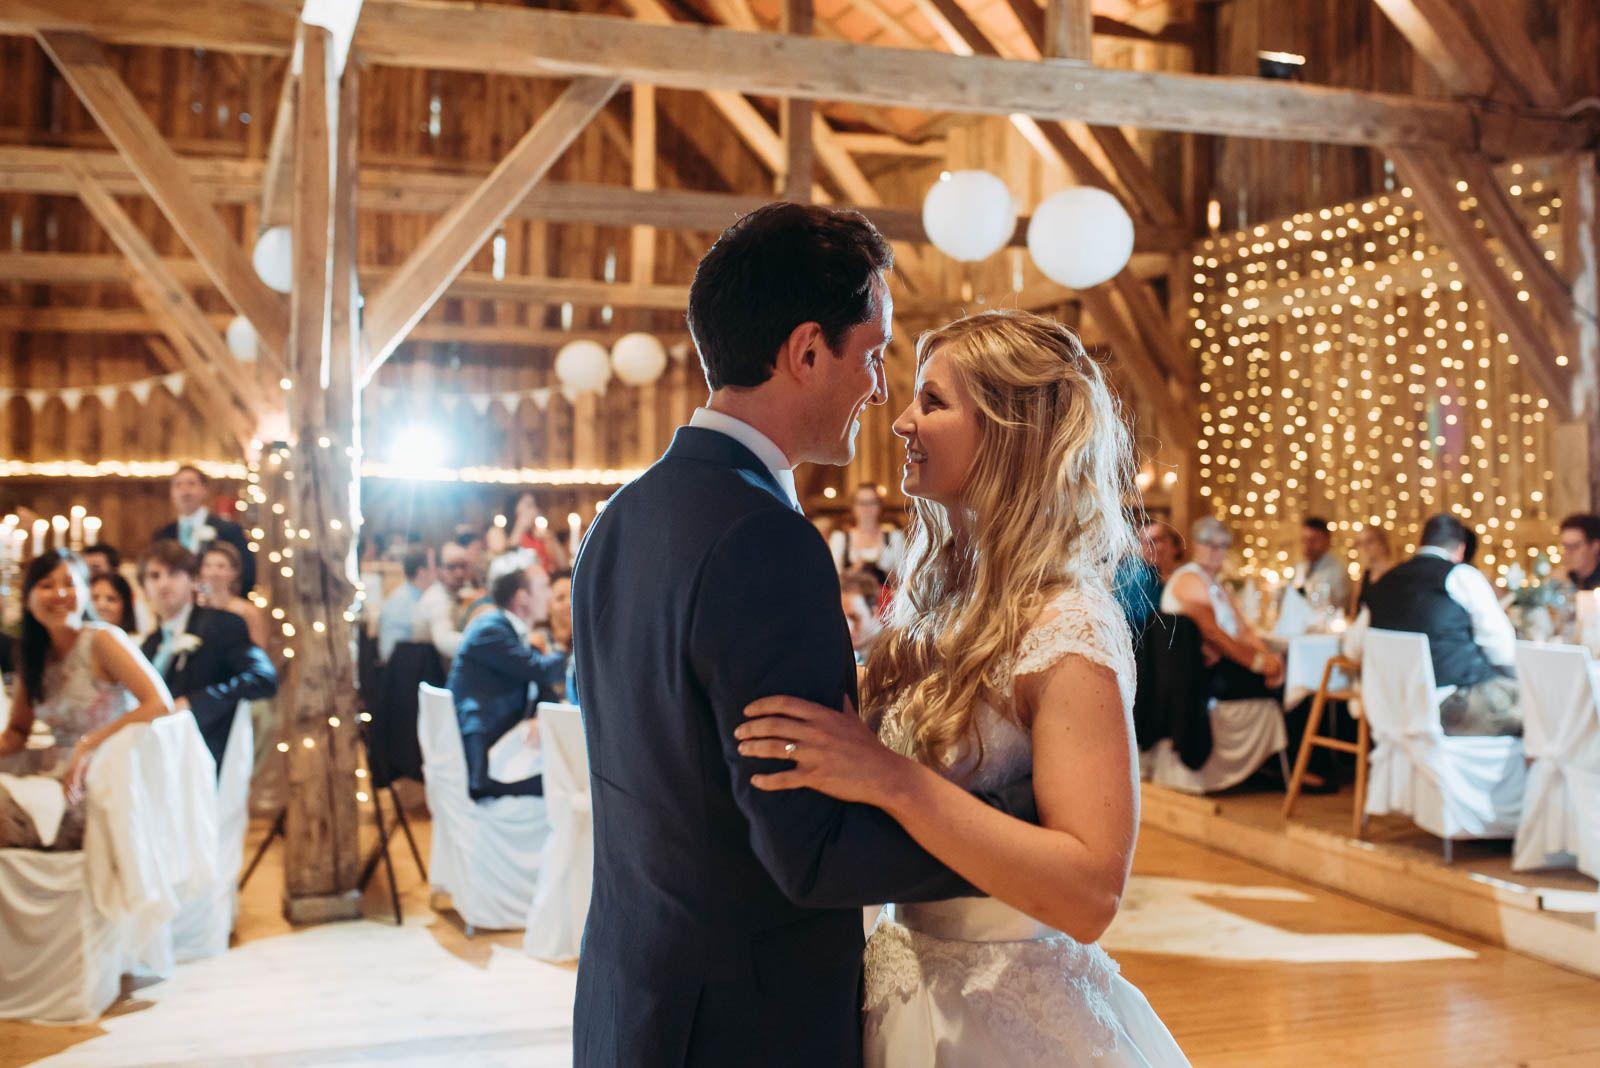 Romantische Scheunenhochzeit Im Wildberghof Buchet Mit Lichterketten Von Nadine Lorenz Fotografie Scheunen Hochzeit Hochzeit Hochzeit Deko